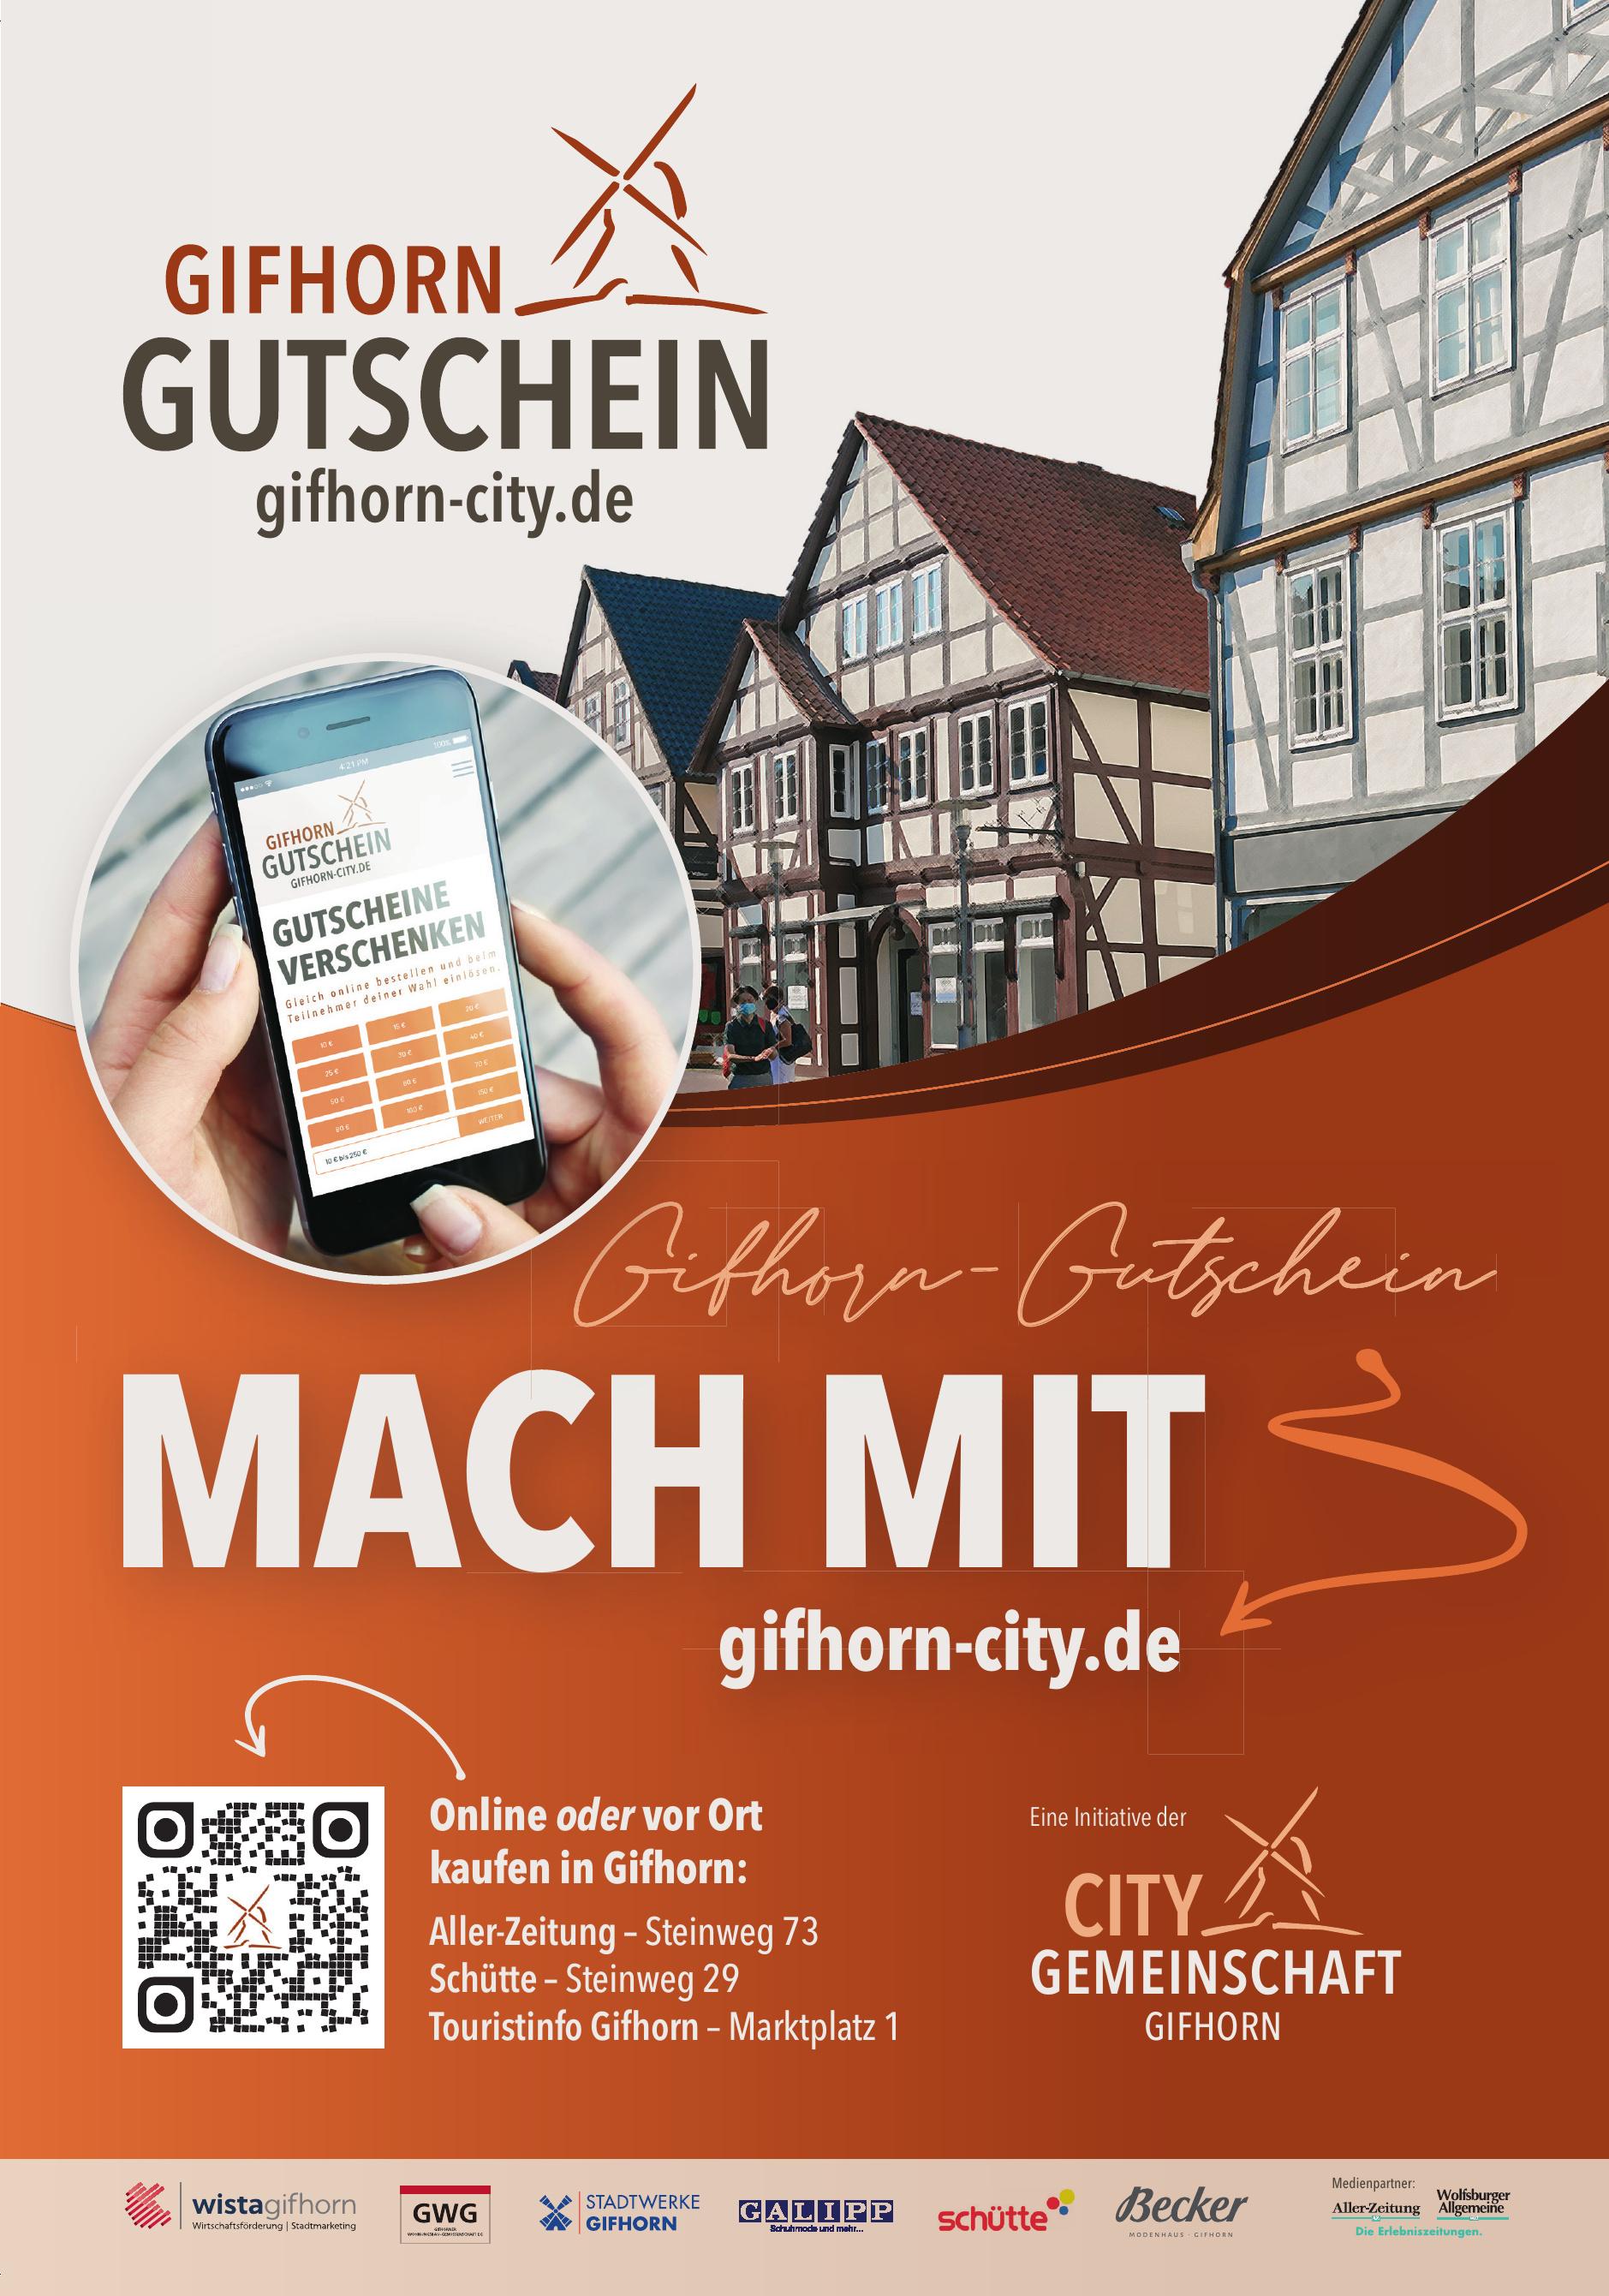 City Gemainschaft Gifhorn